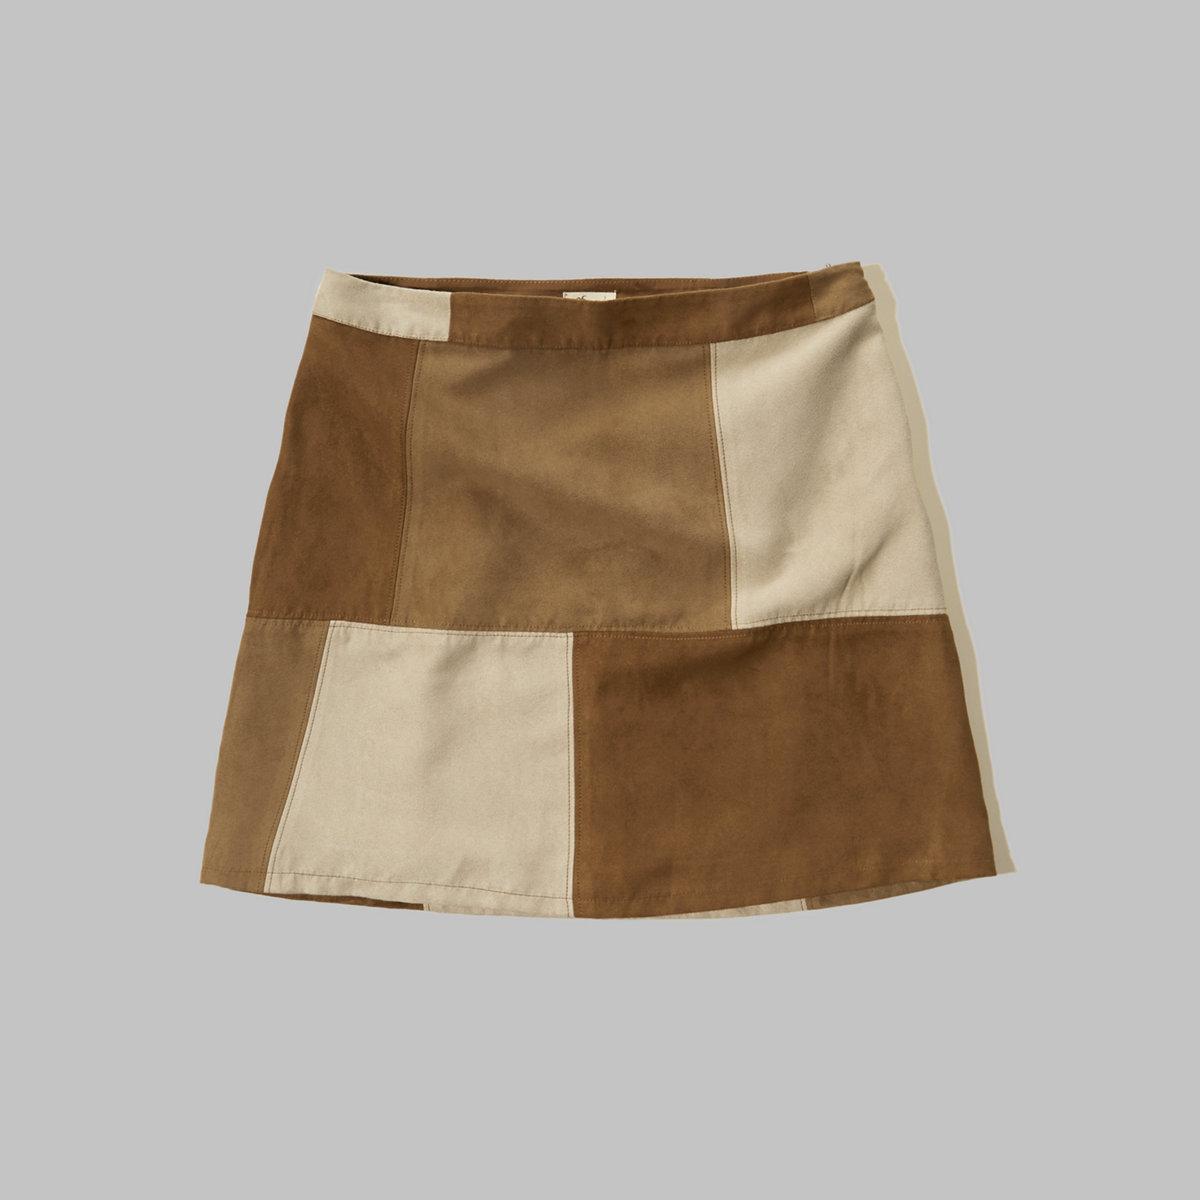 Patchwork A-Line Skirt